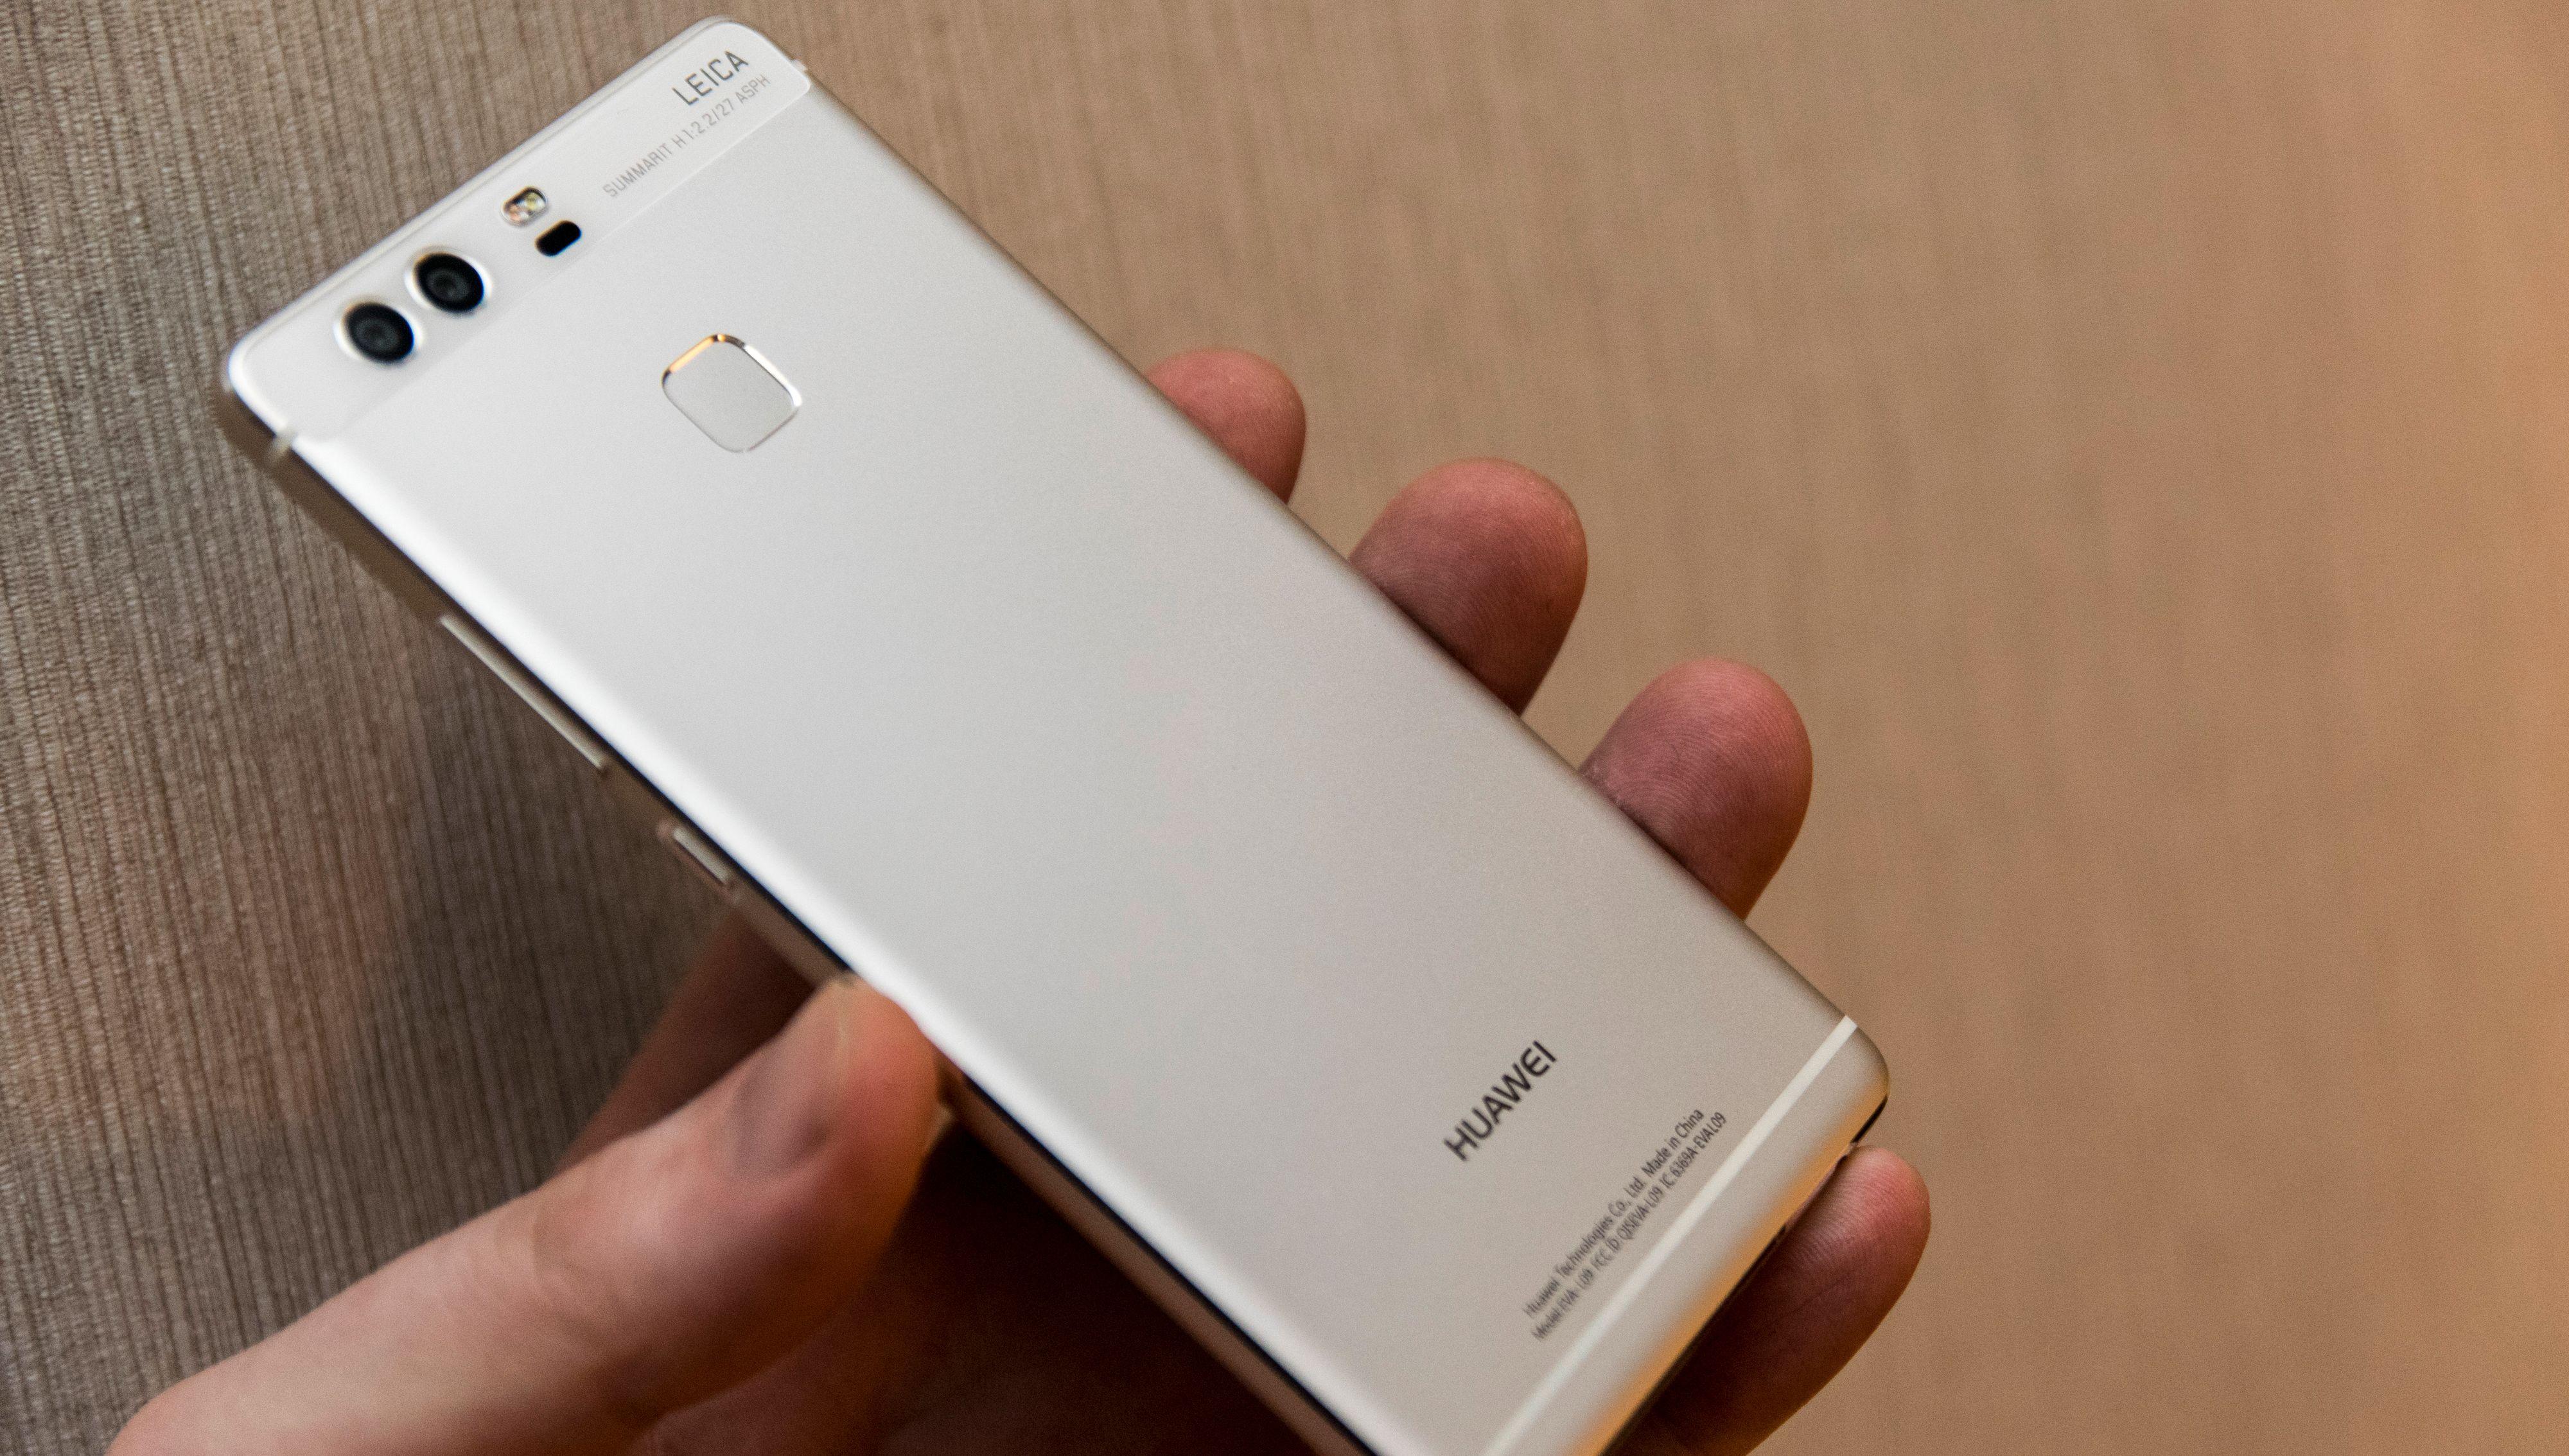 Huawei P9 har også to kameraer på baksiden, men begge har samme brennvidde. Kamera # 2 kan brukes til å ta bilder i sort-hvitt, og skal angivelig også hjelpe kamera # 1 til å ta skarpere bilder. Dette merket vi imidlertid ikke noe særlig til.